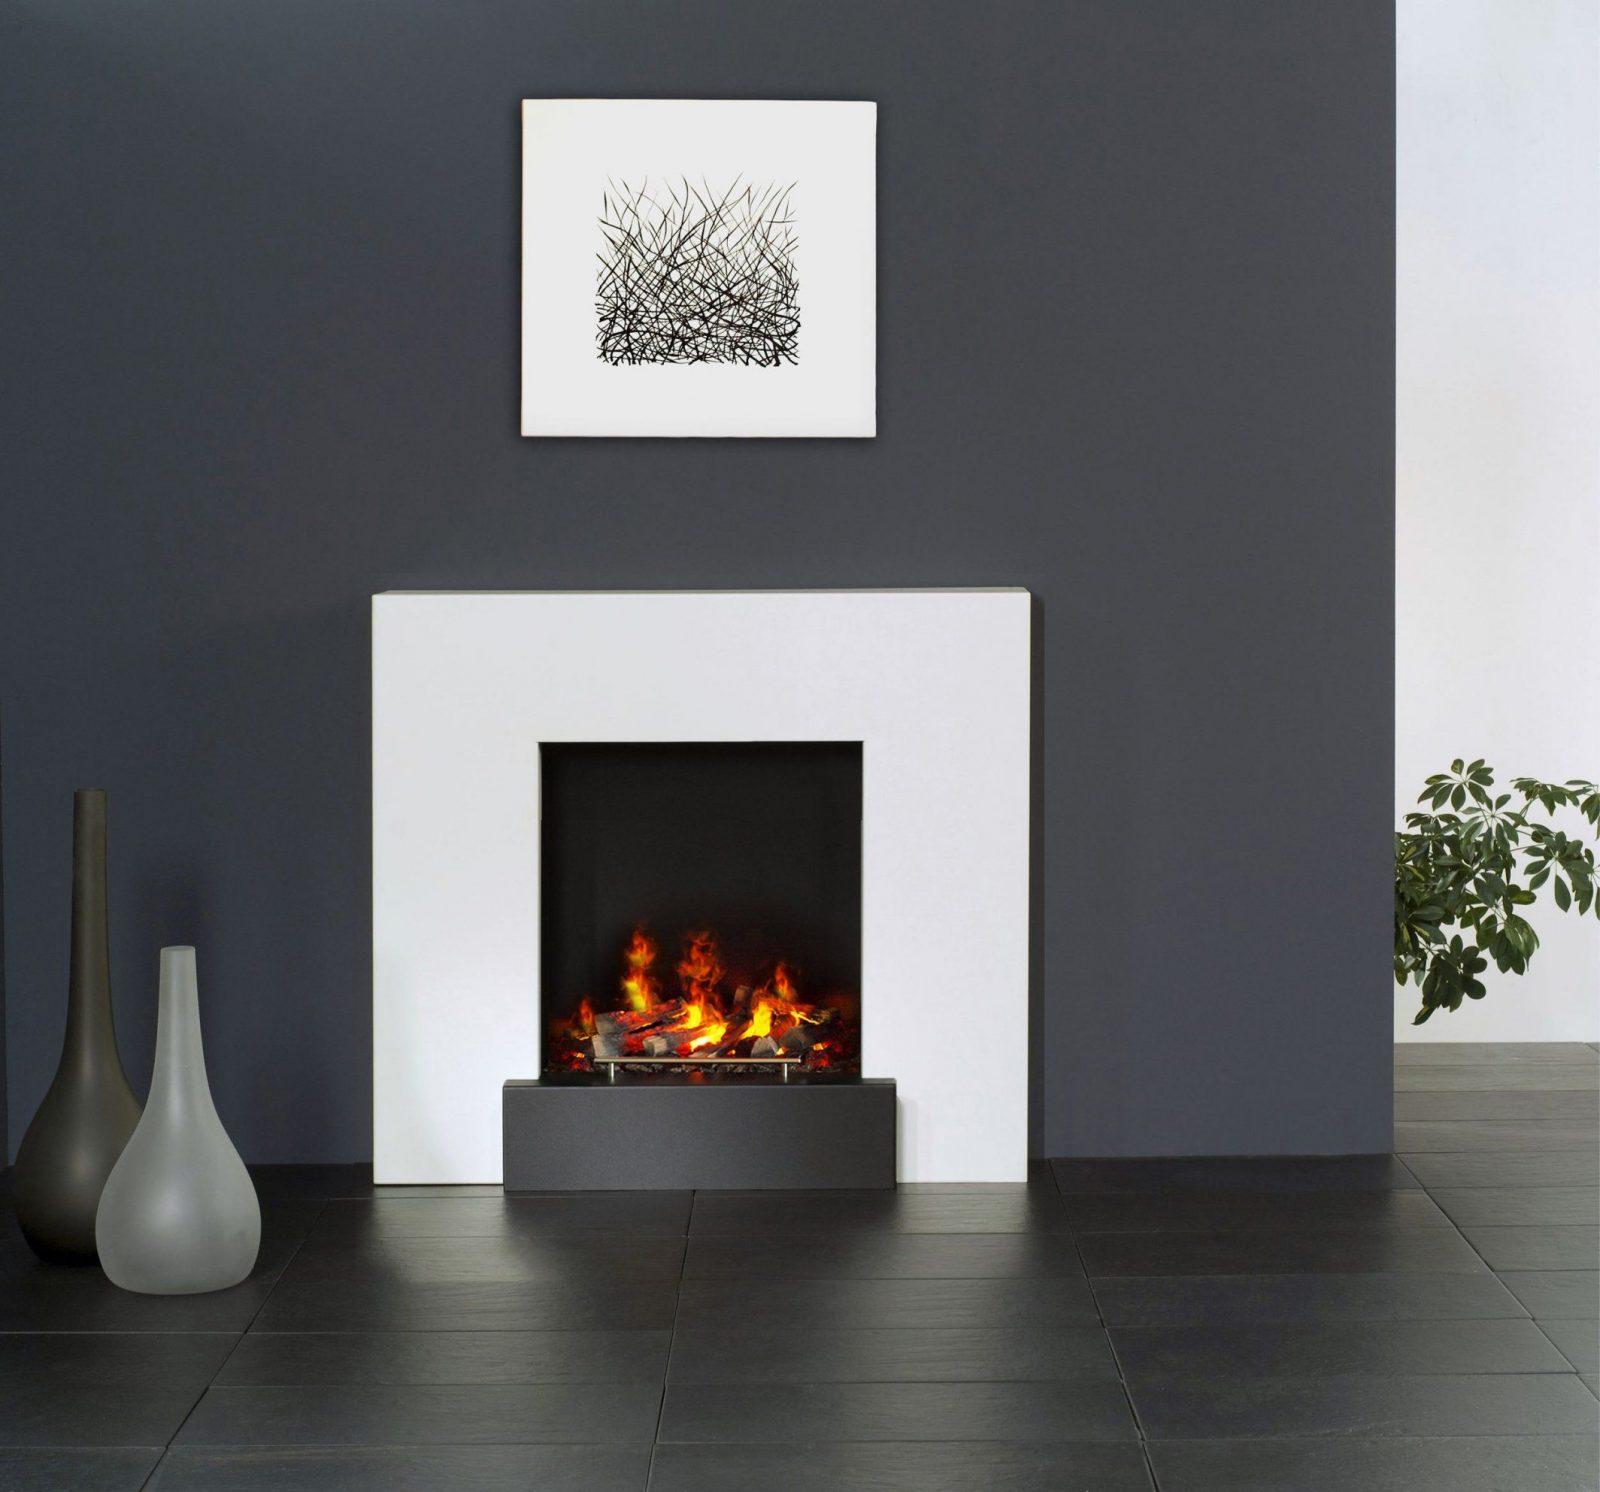 Elektrischer Wandkamin Mit Fernbedienung Elektrisch Kamin von Kamin Ohne Echtes Feuer Bild